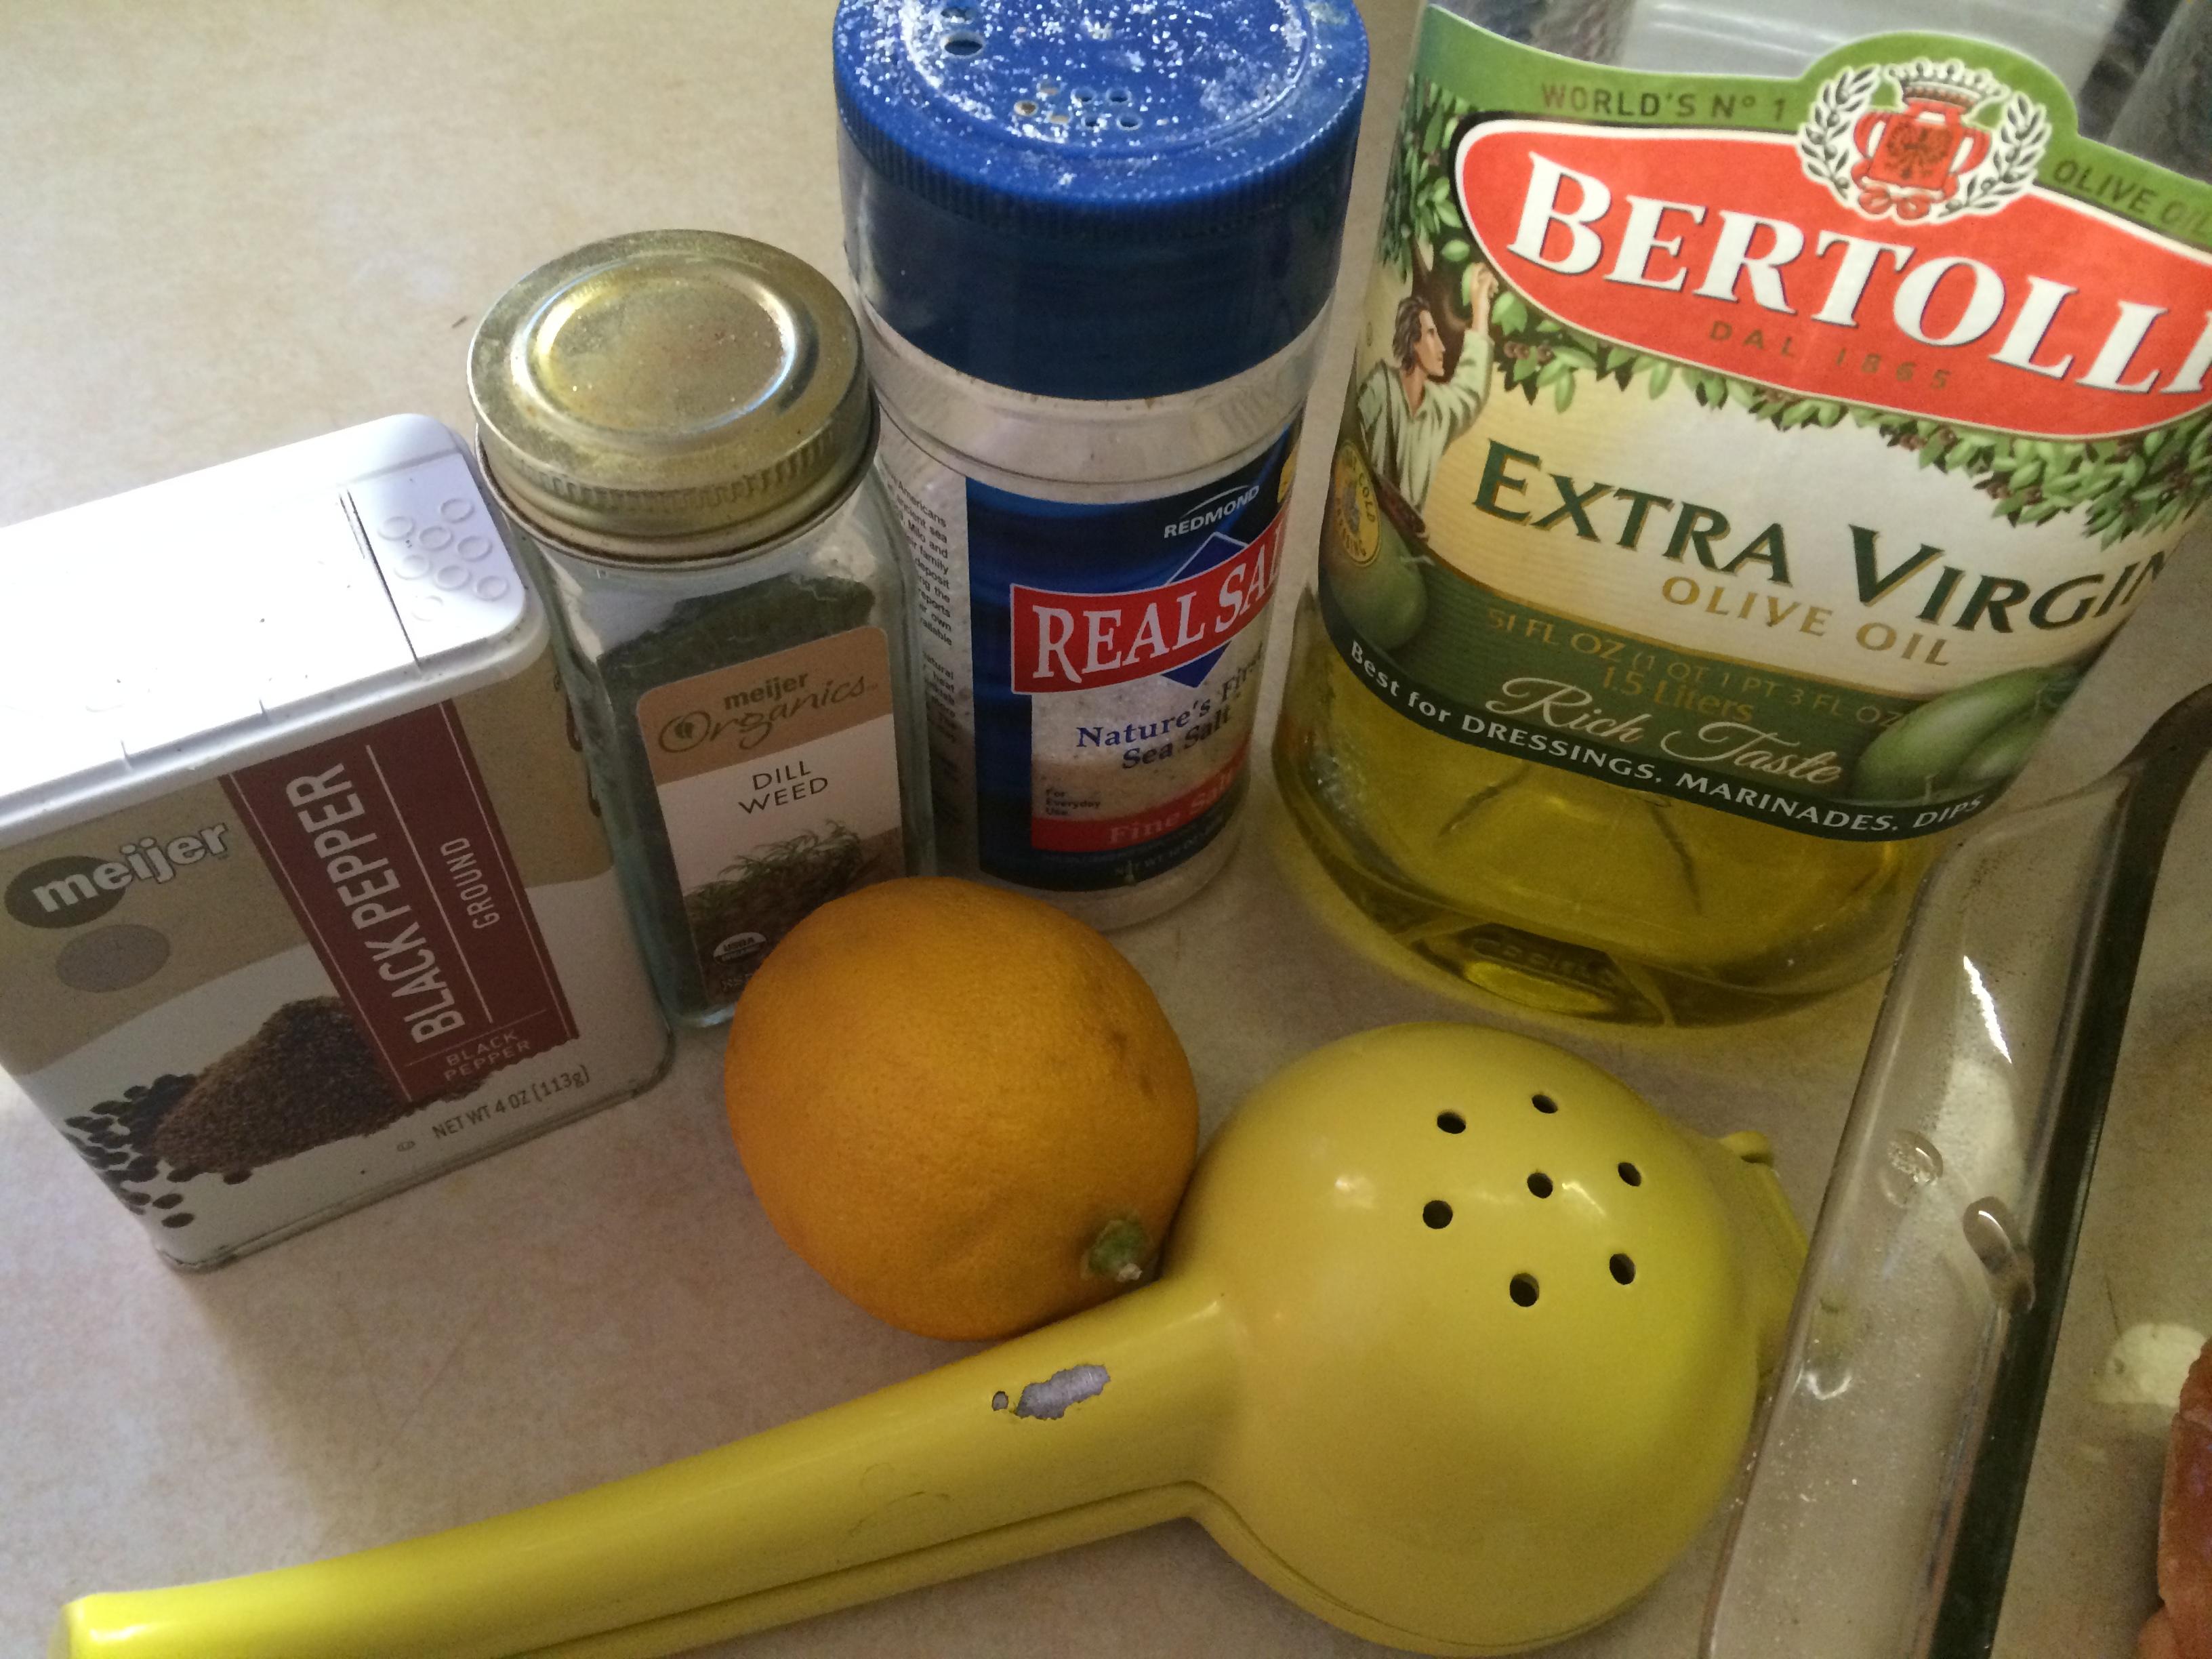 salt, pepper, dill, lemon, and extra virgin olive oil to bake wild caught salmon